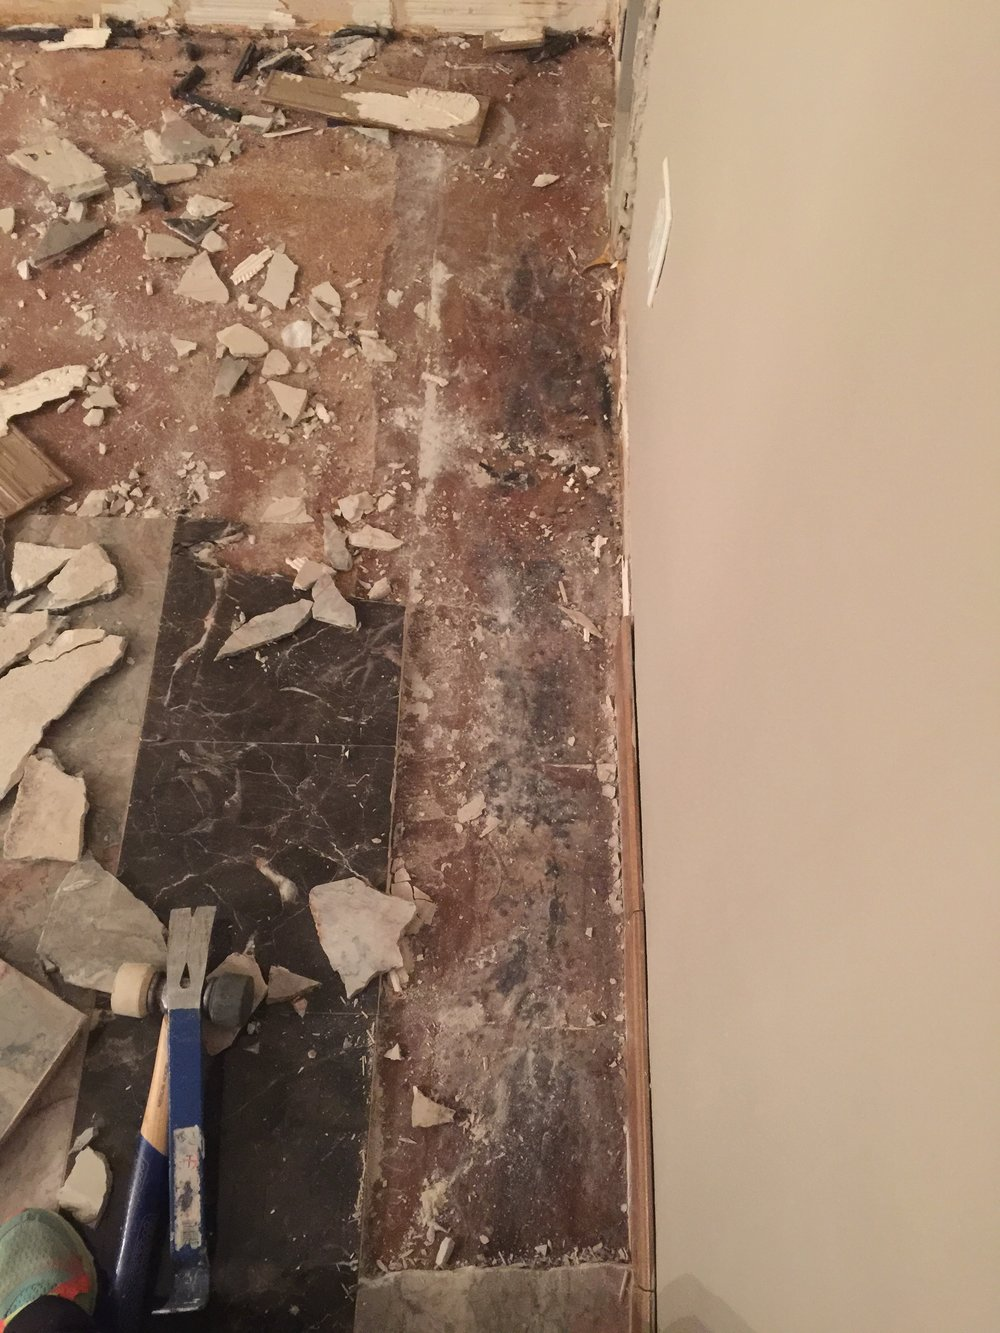 Mold under the Tile- EEEKKK!